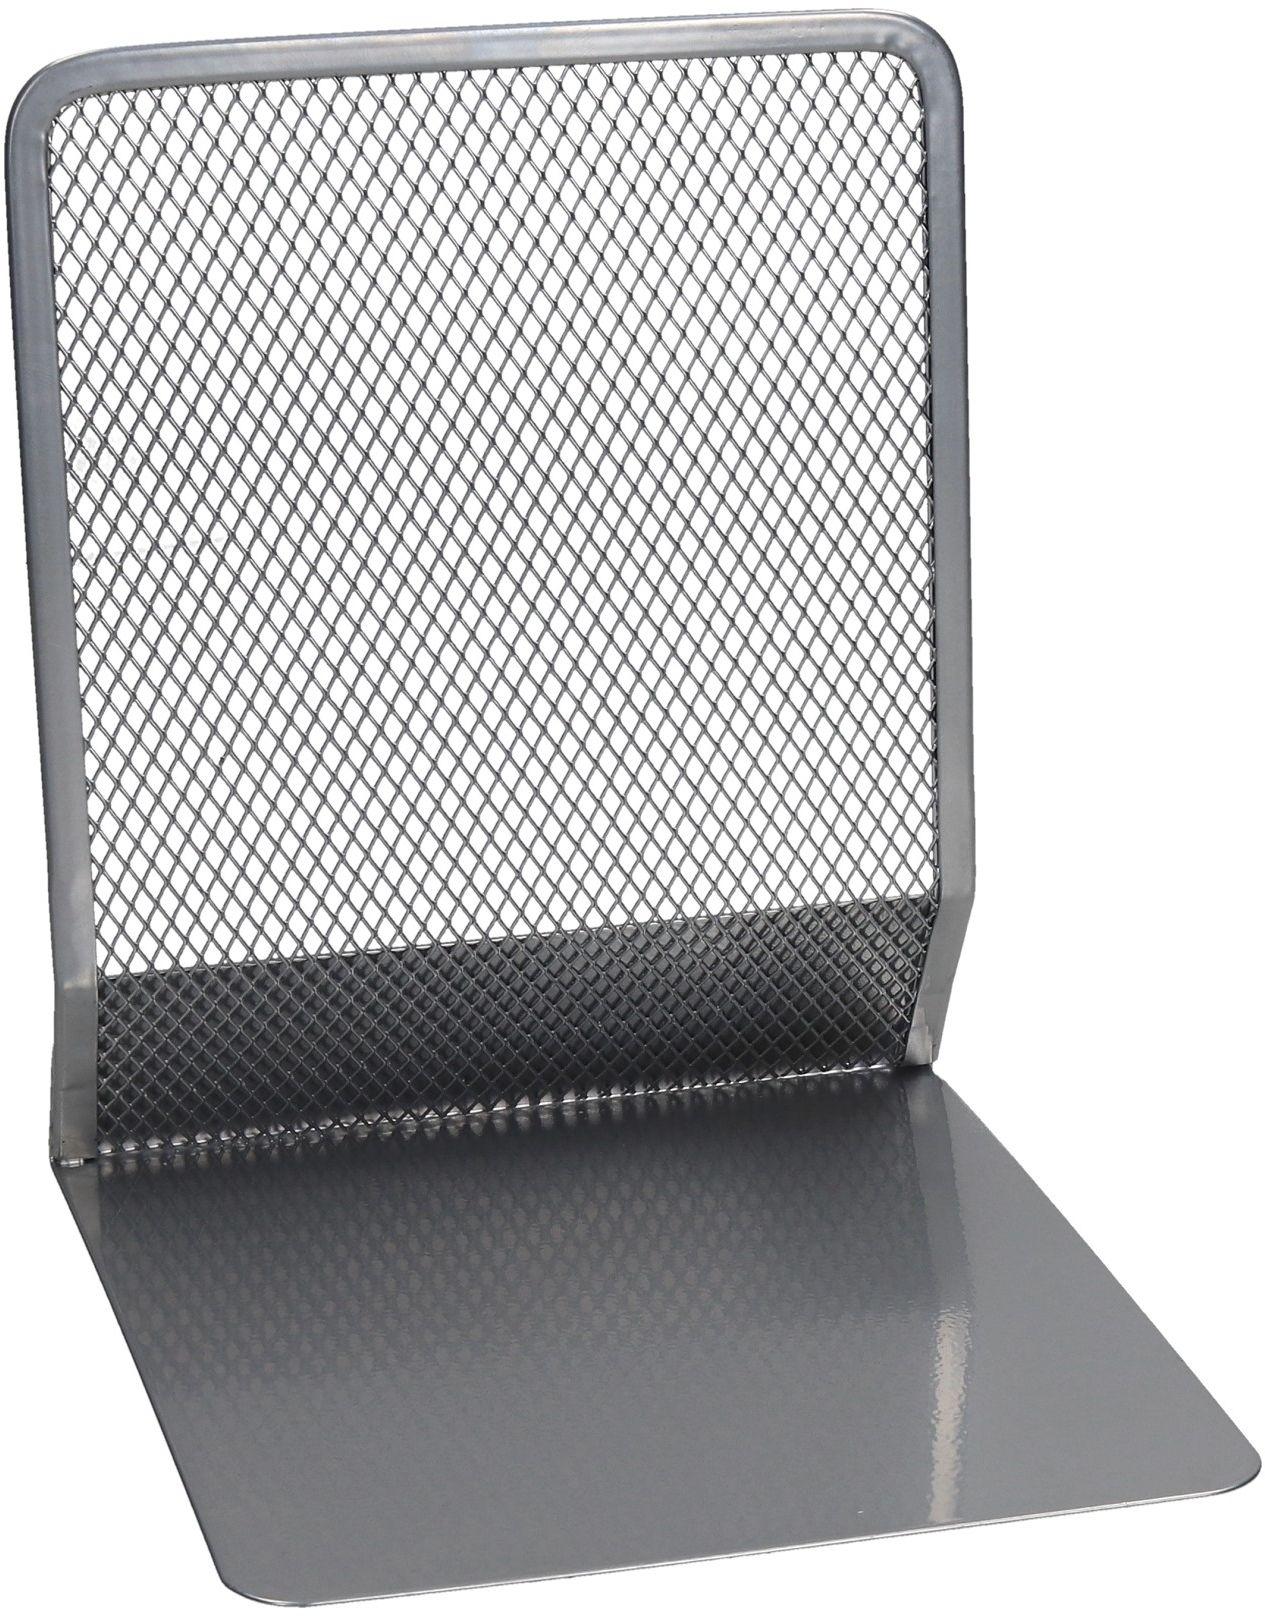 Podpórka książek siatka srebrna 2szt. Net Z8100